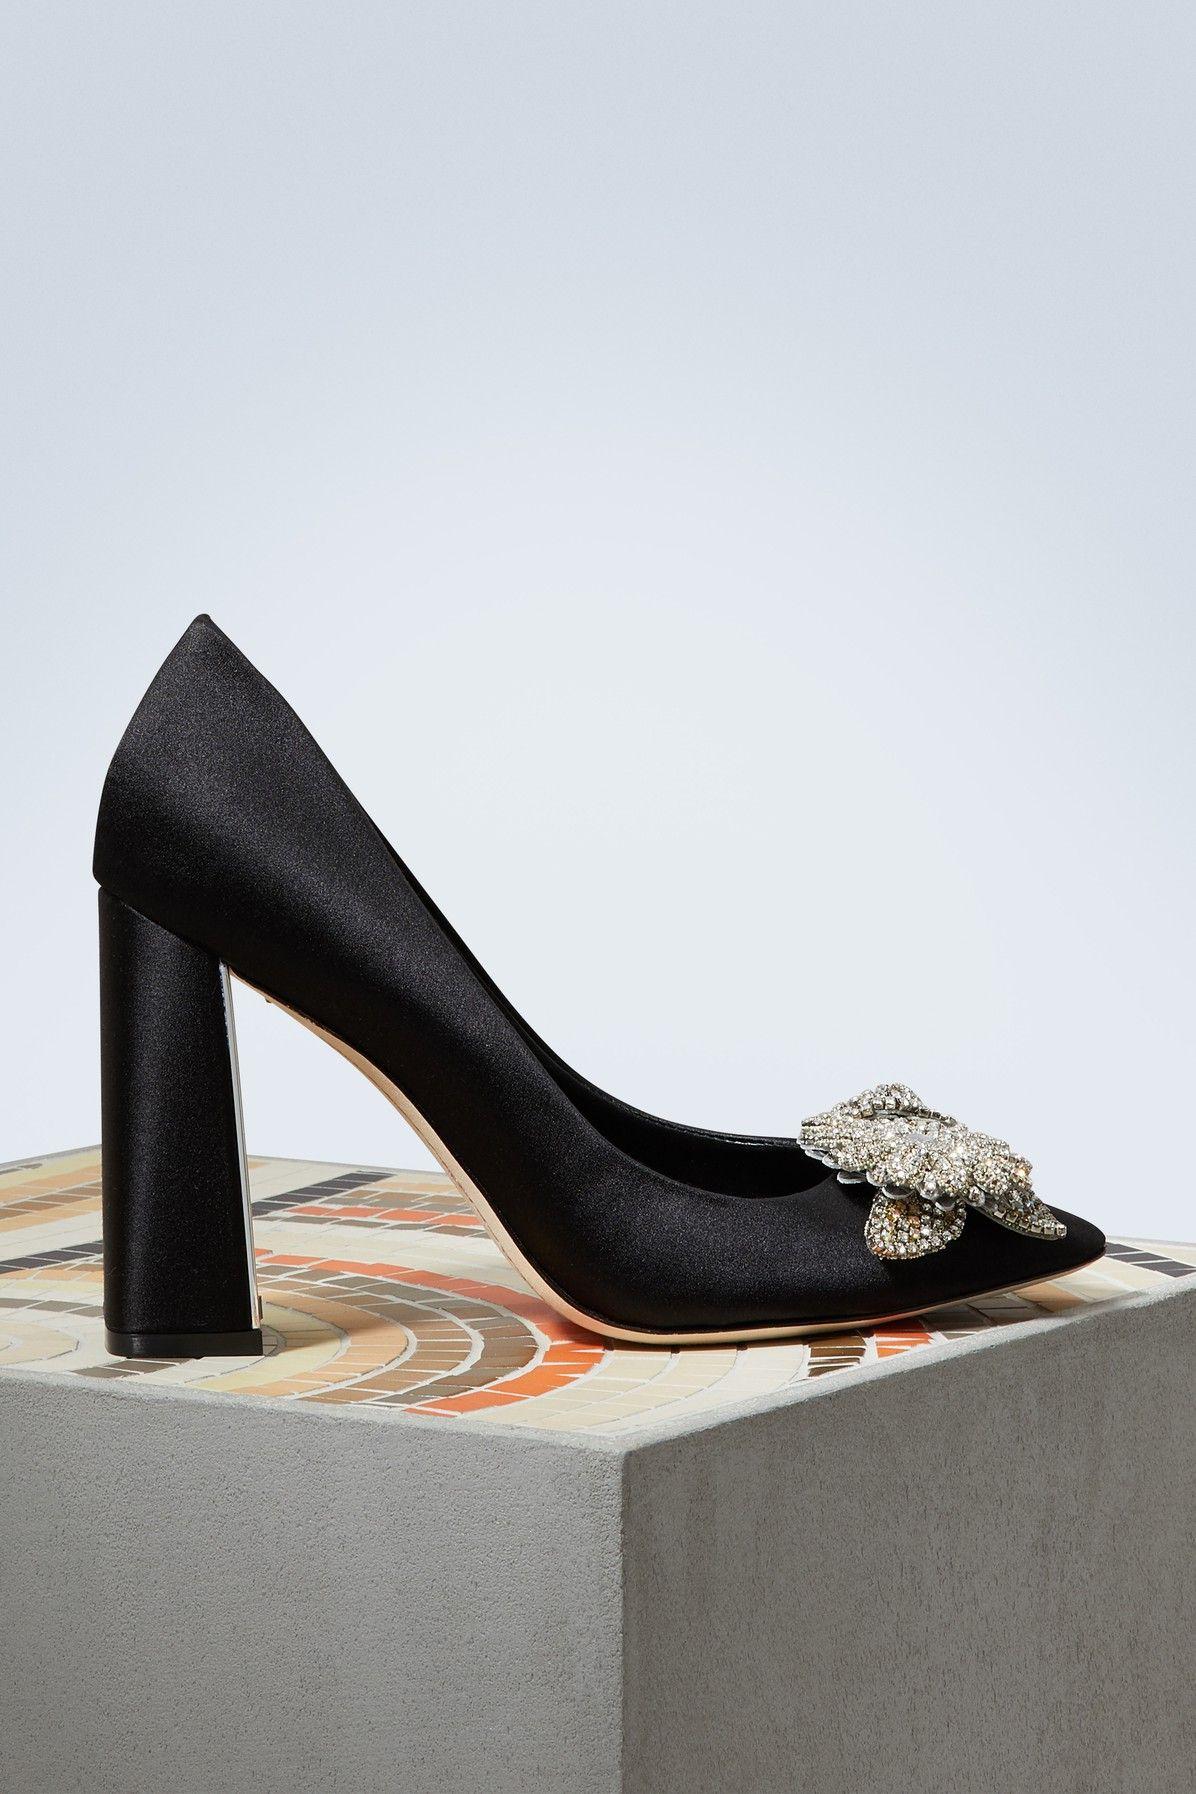 7584b7d1c590 SOPHIA WEBSTER LILICO CRYSTAL PUMPS.  sophiawebster  shoes ...